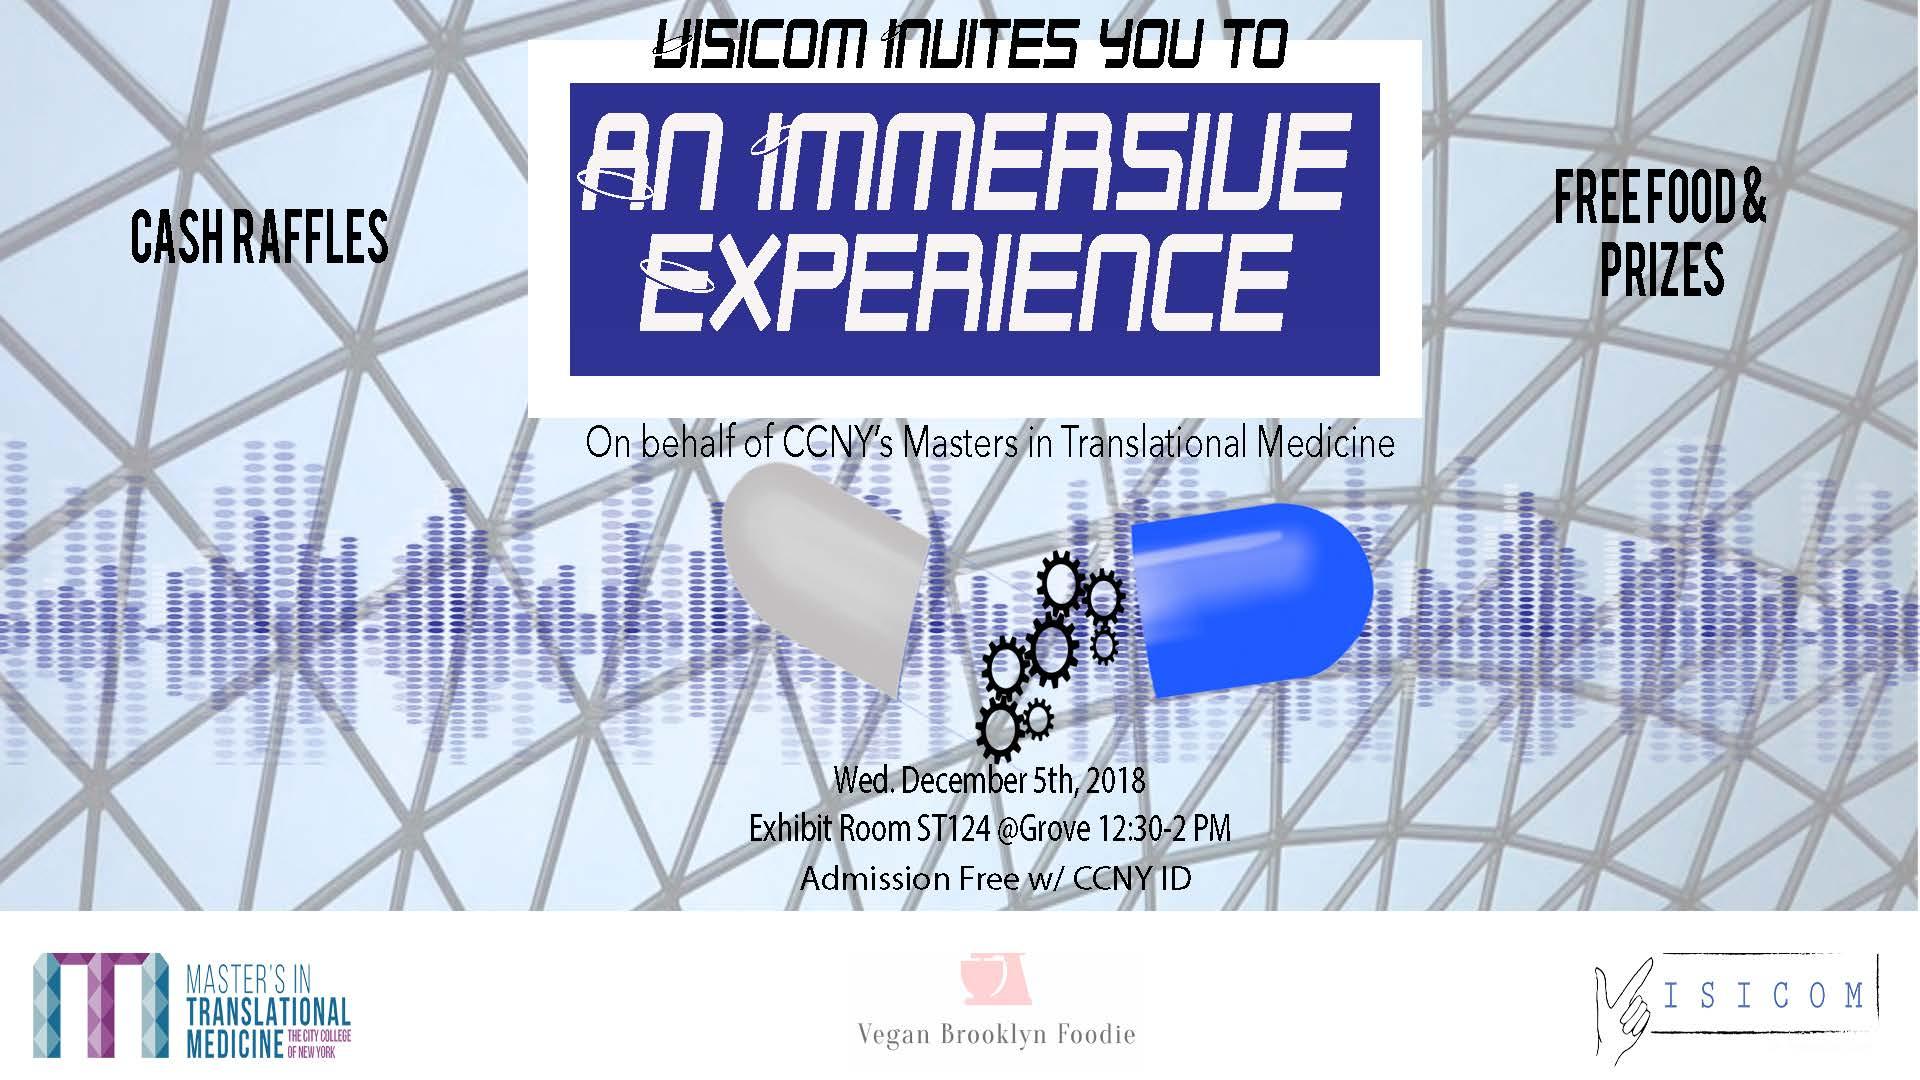 Visicom Event Flyer